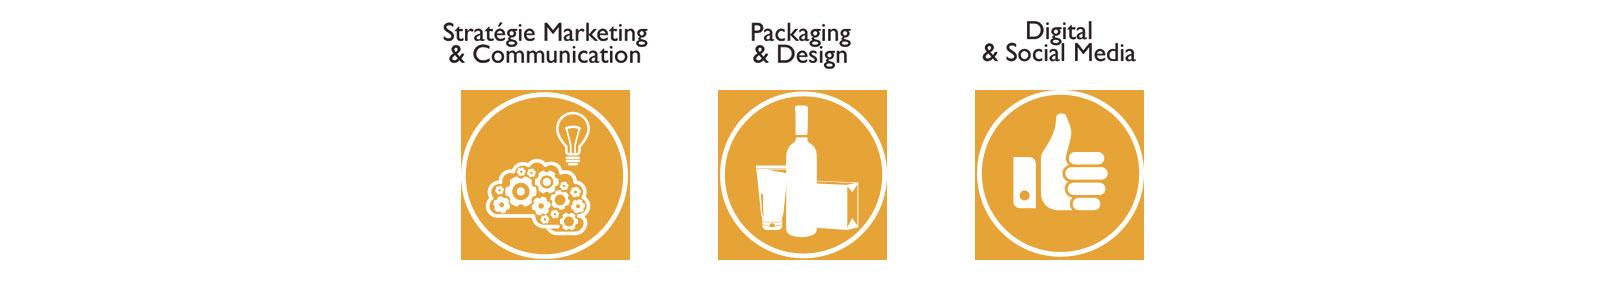 marketing, communication, packaging, design, digital, social media